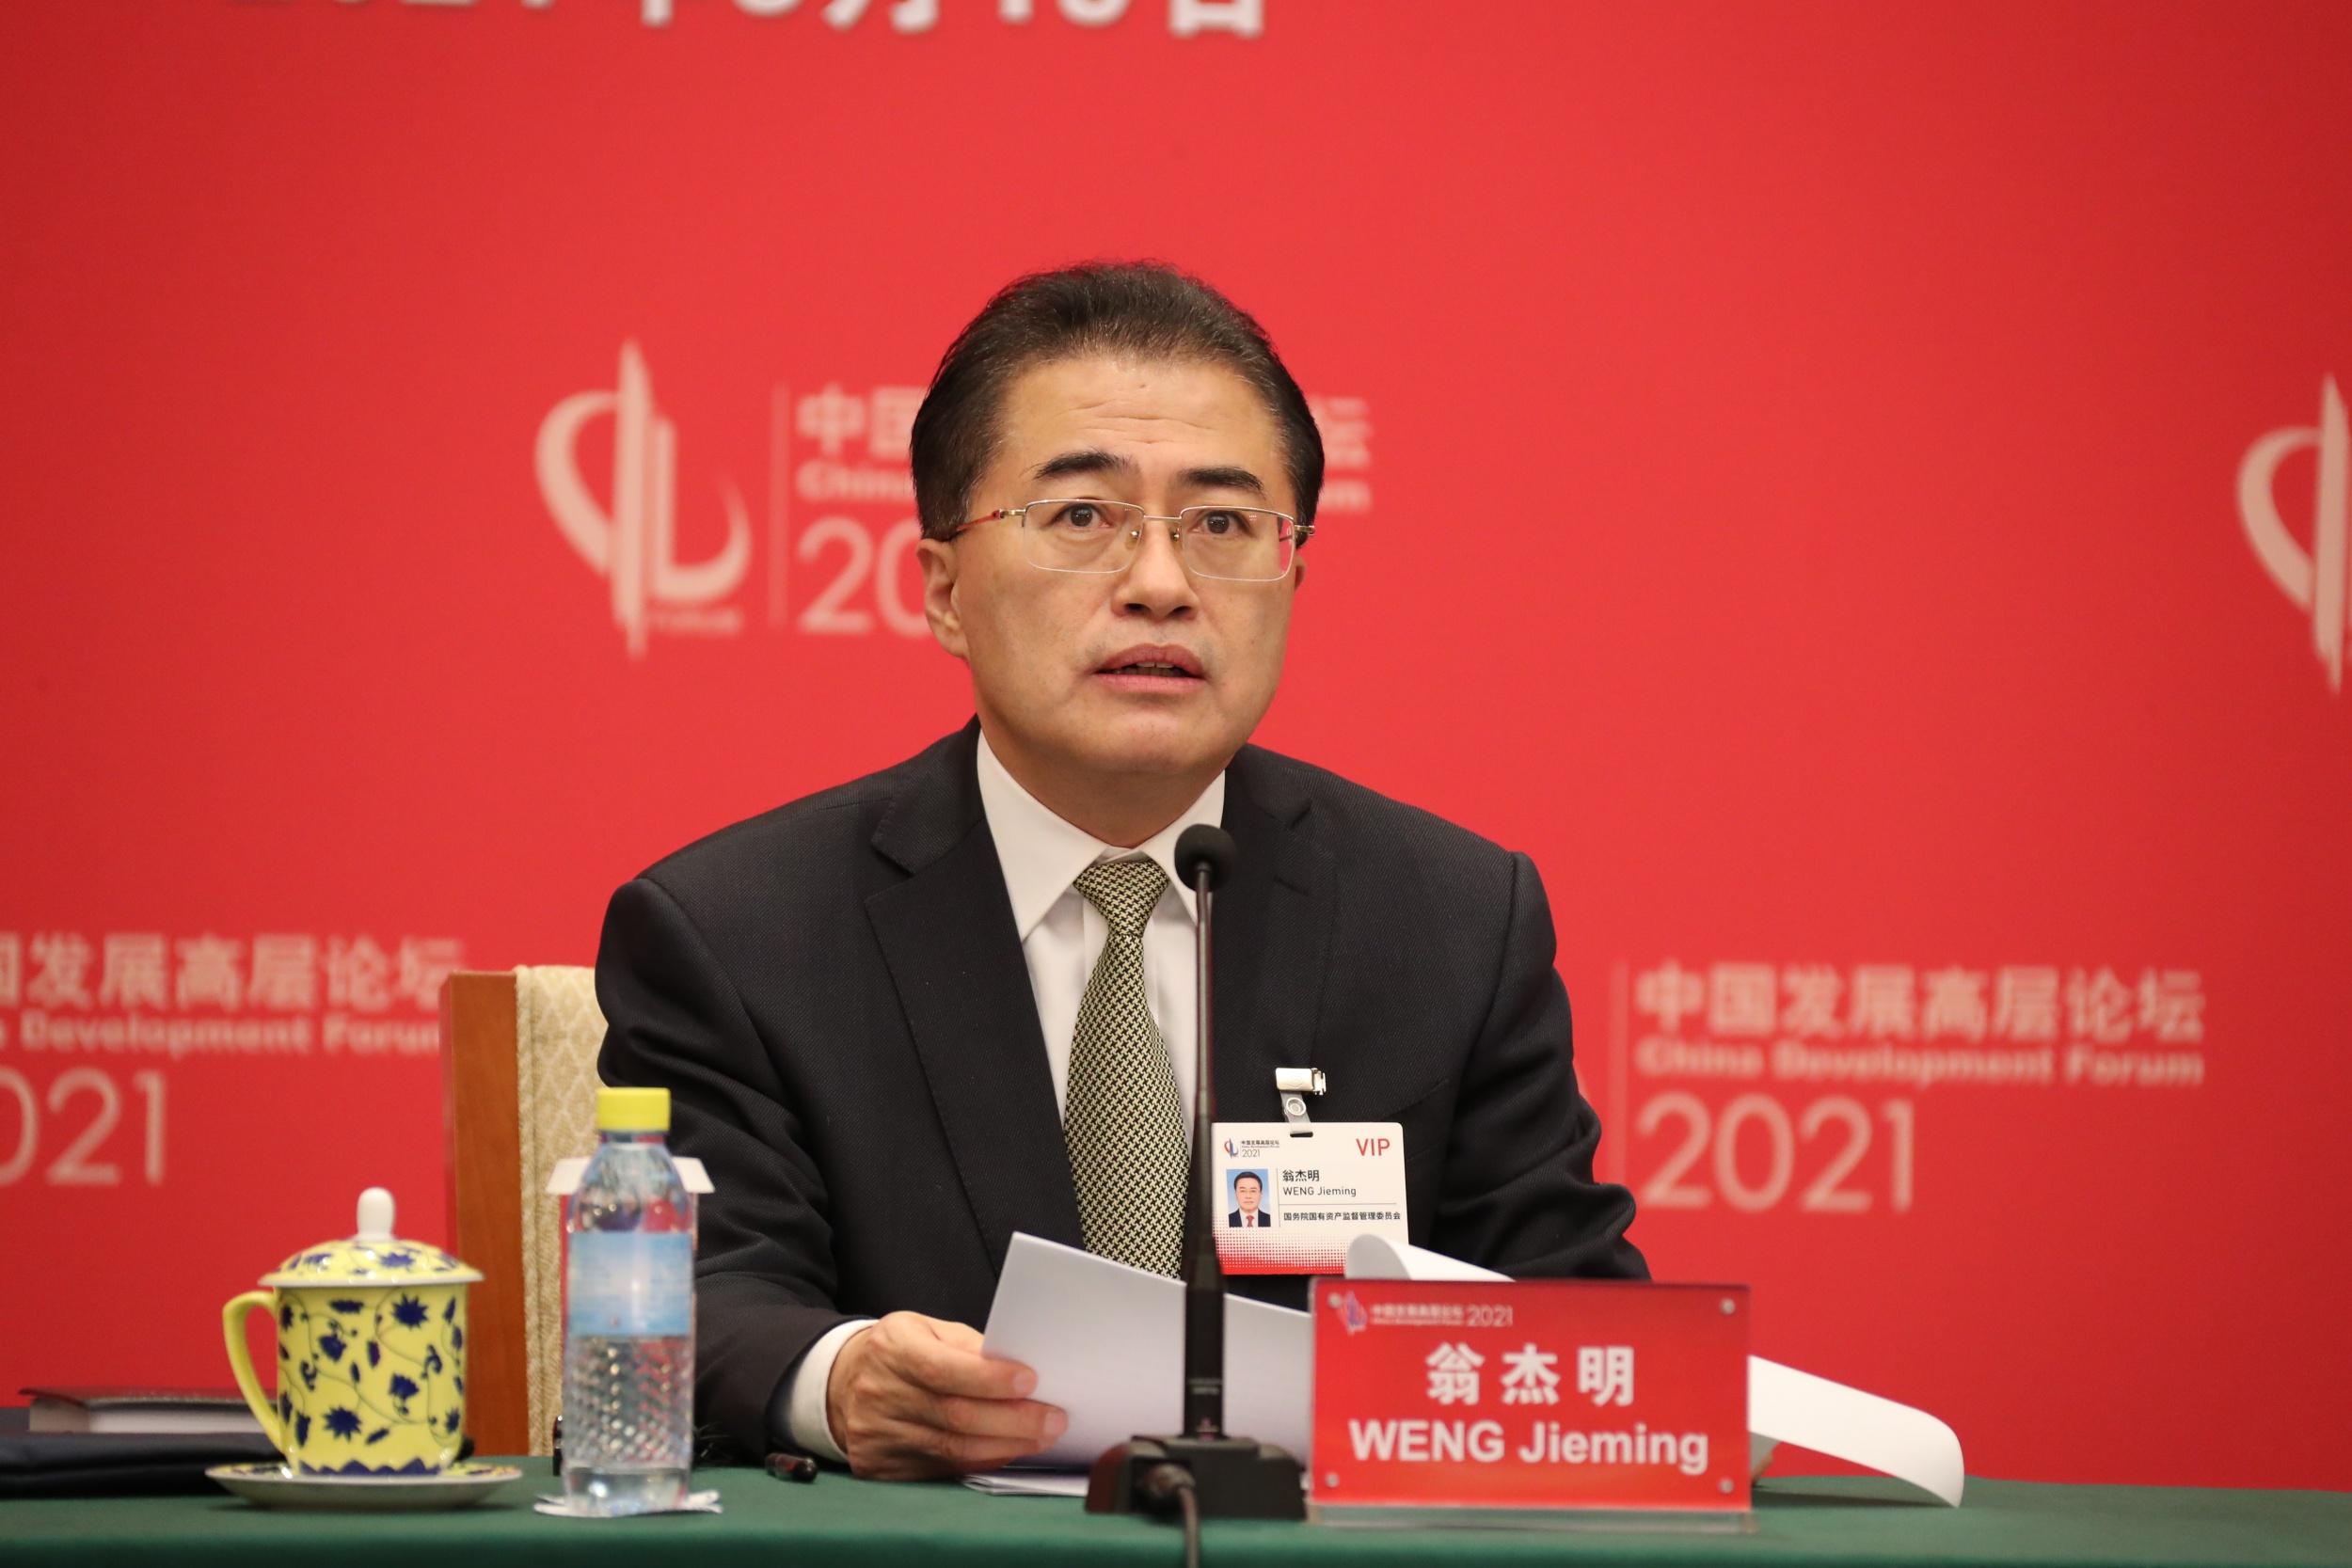 翁杰明出席中国发展高层论坛202...